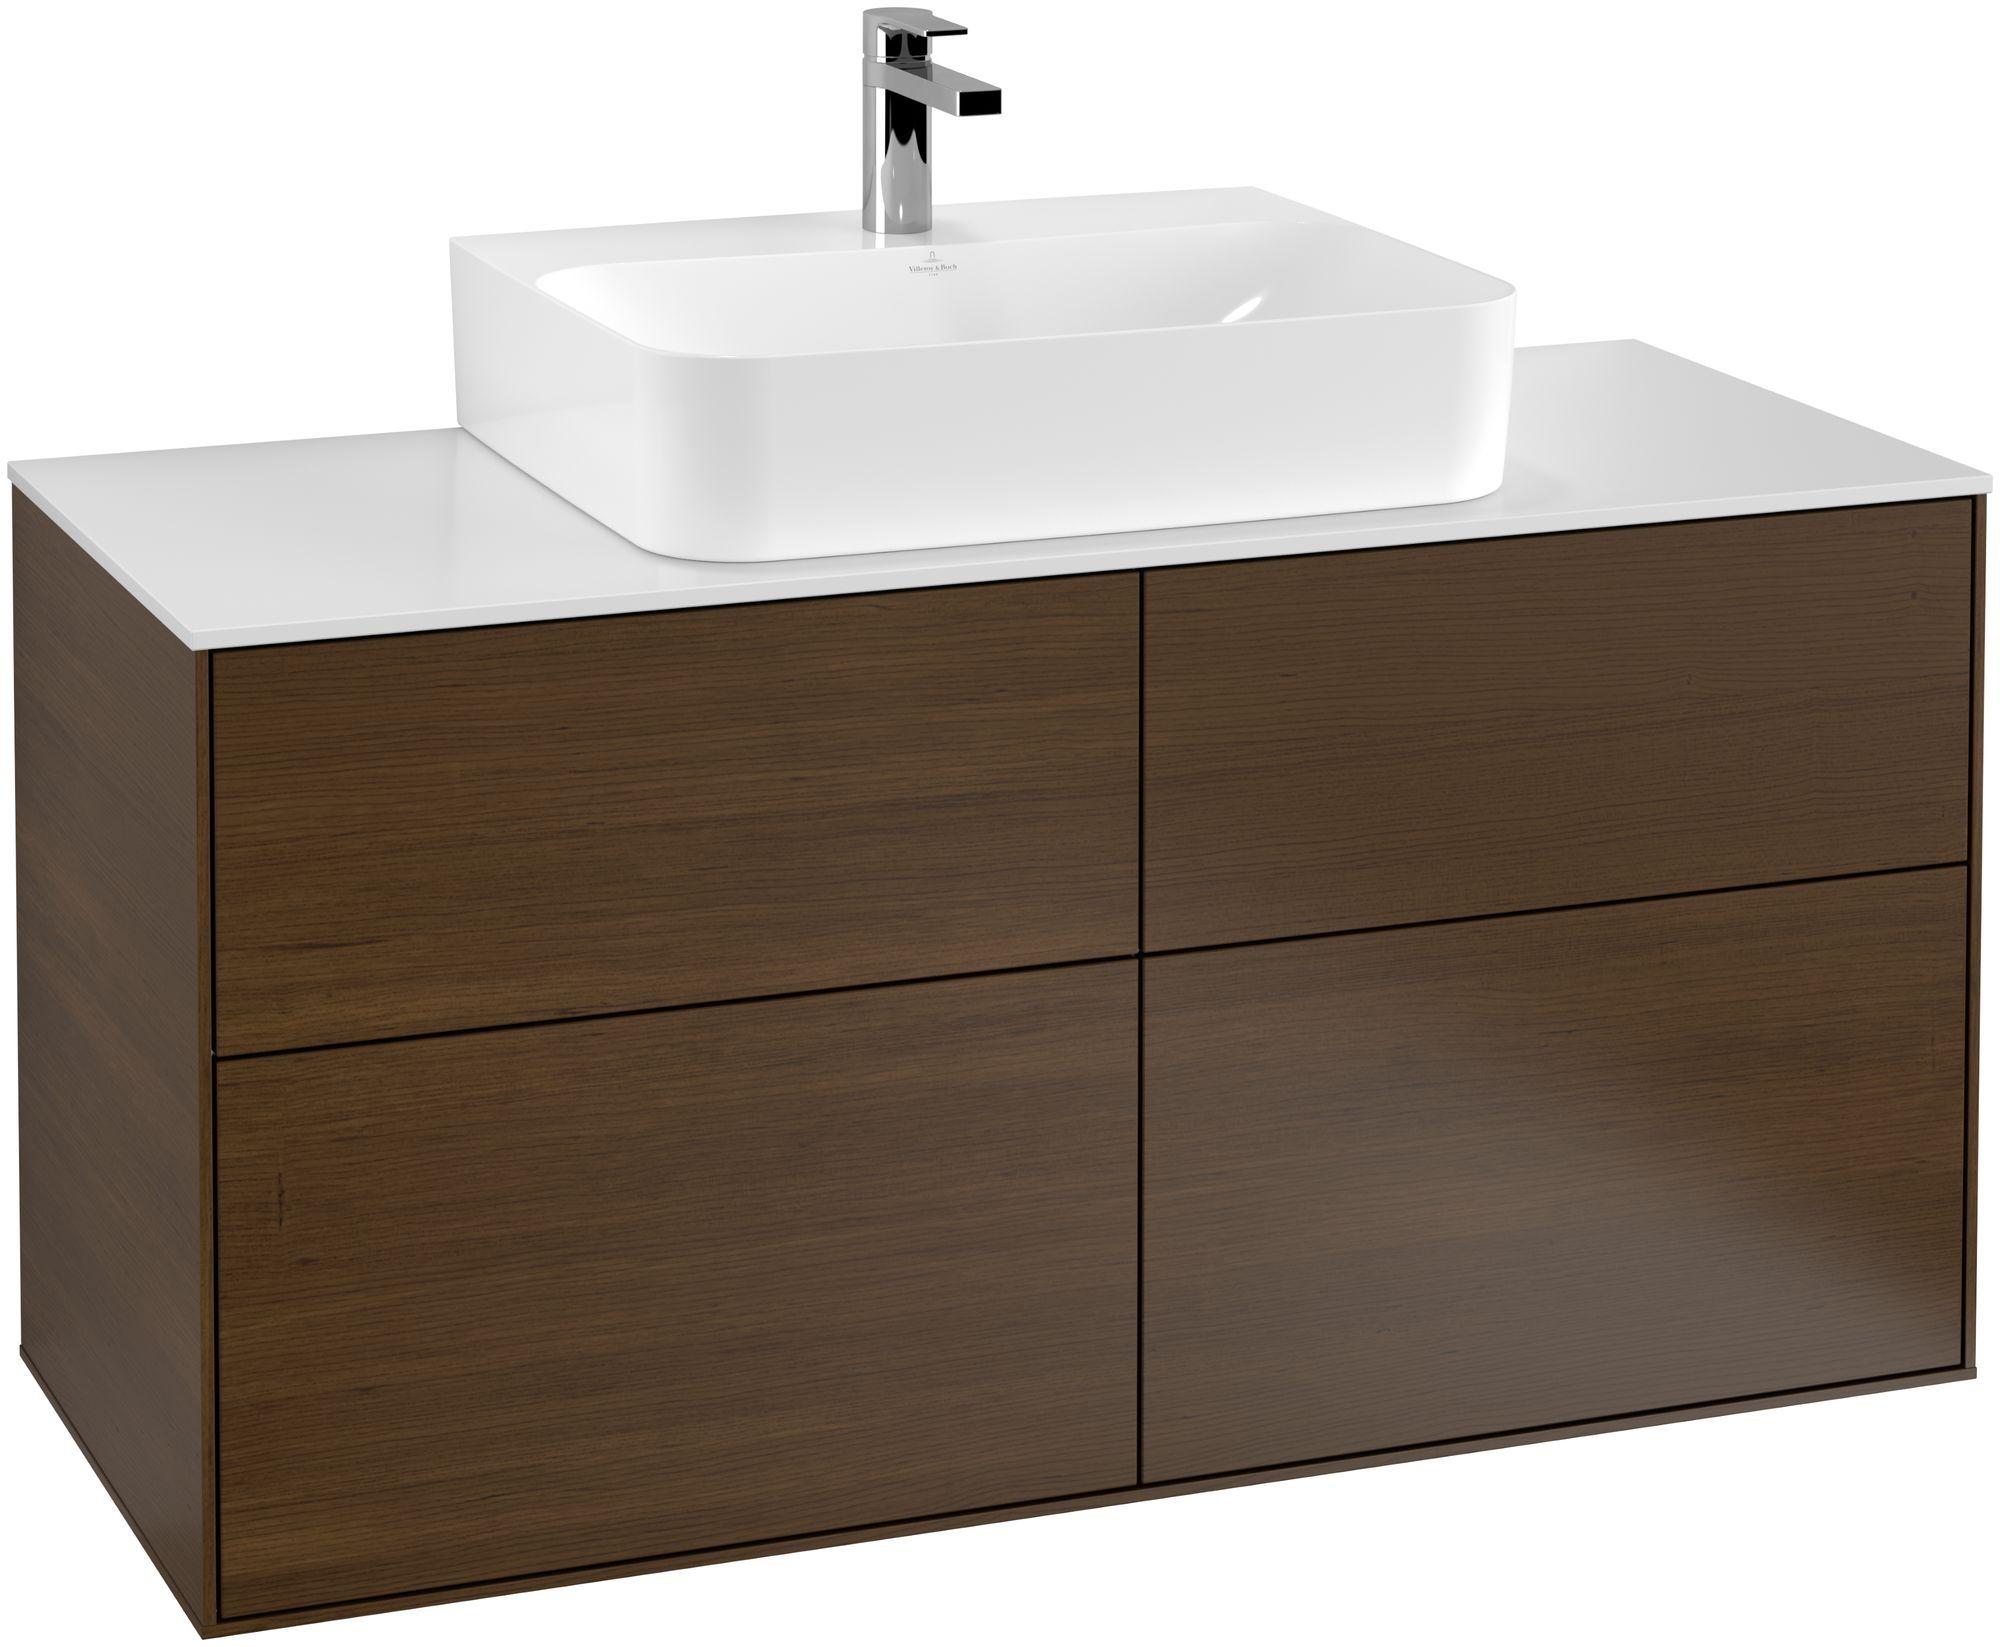 Villeroy & Boch Finion G13 Waschtischunterschrank 4 Auszüge Waschtisch mittig LED-Beleuchtung B:120xH:60,3xT:50,1cm Front, Korpus: Walnut Veneer, Glasplatte: White Matt G13100GN